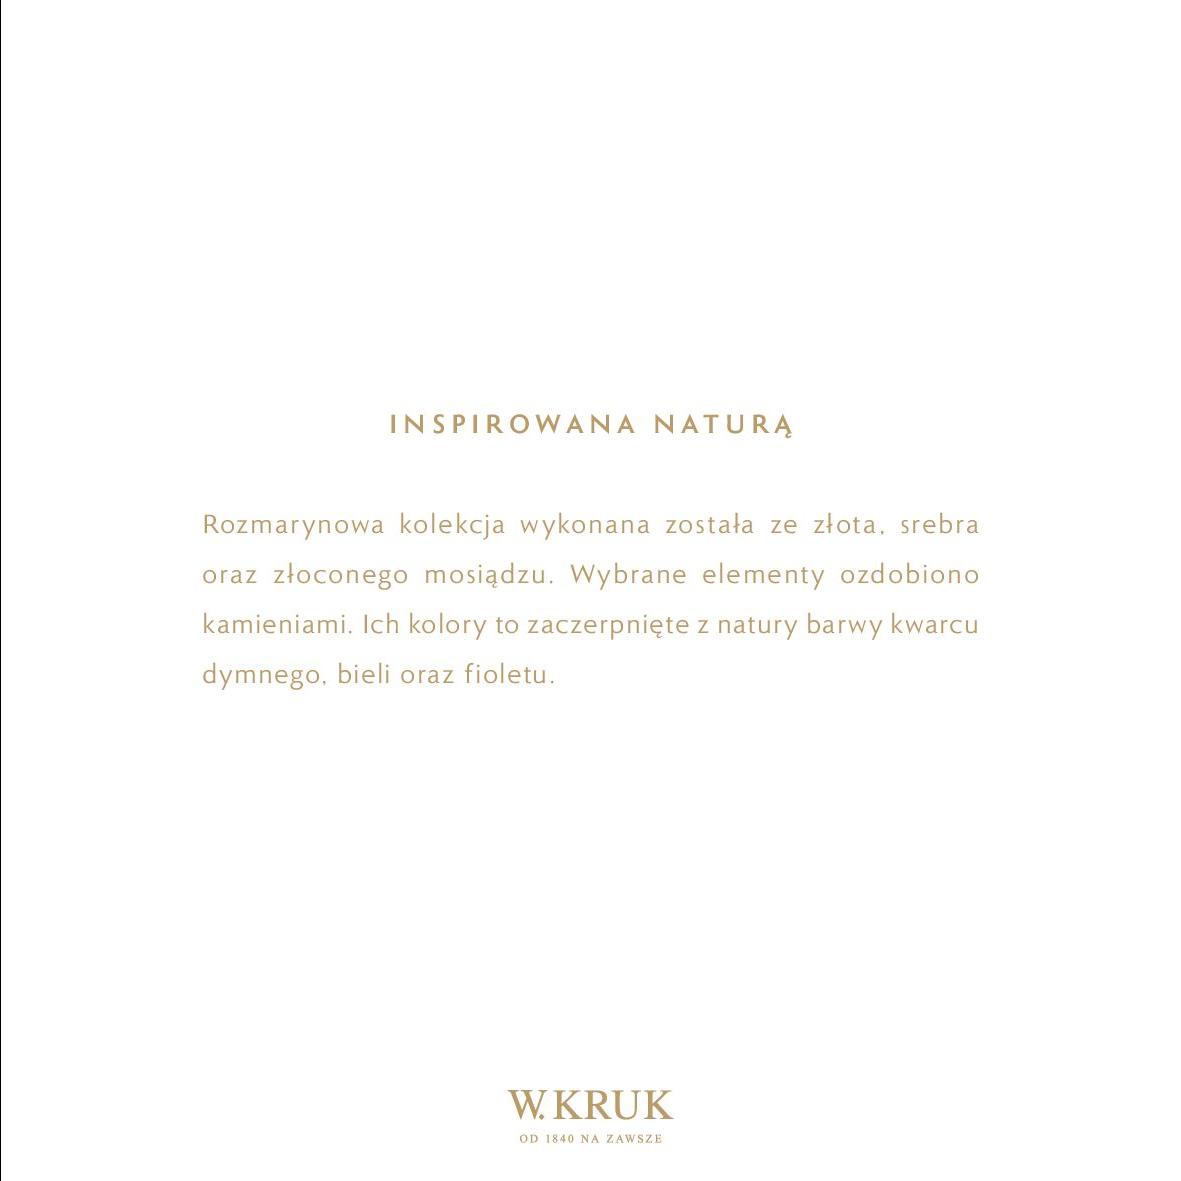 Gazetka W. KRUK: Katalog - Kolekcja Przyjaźń 2021-02-17 page-51